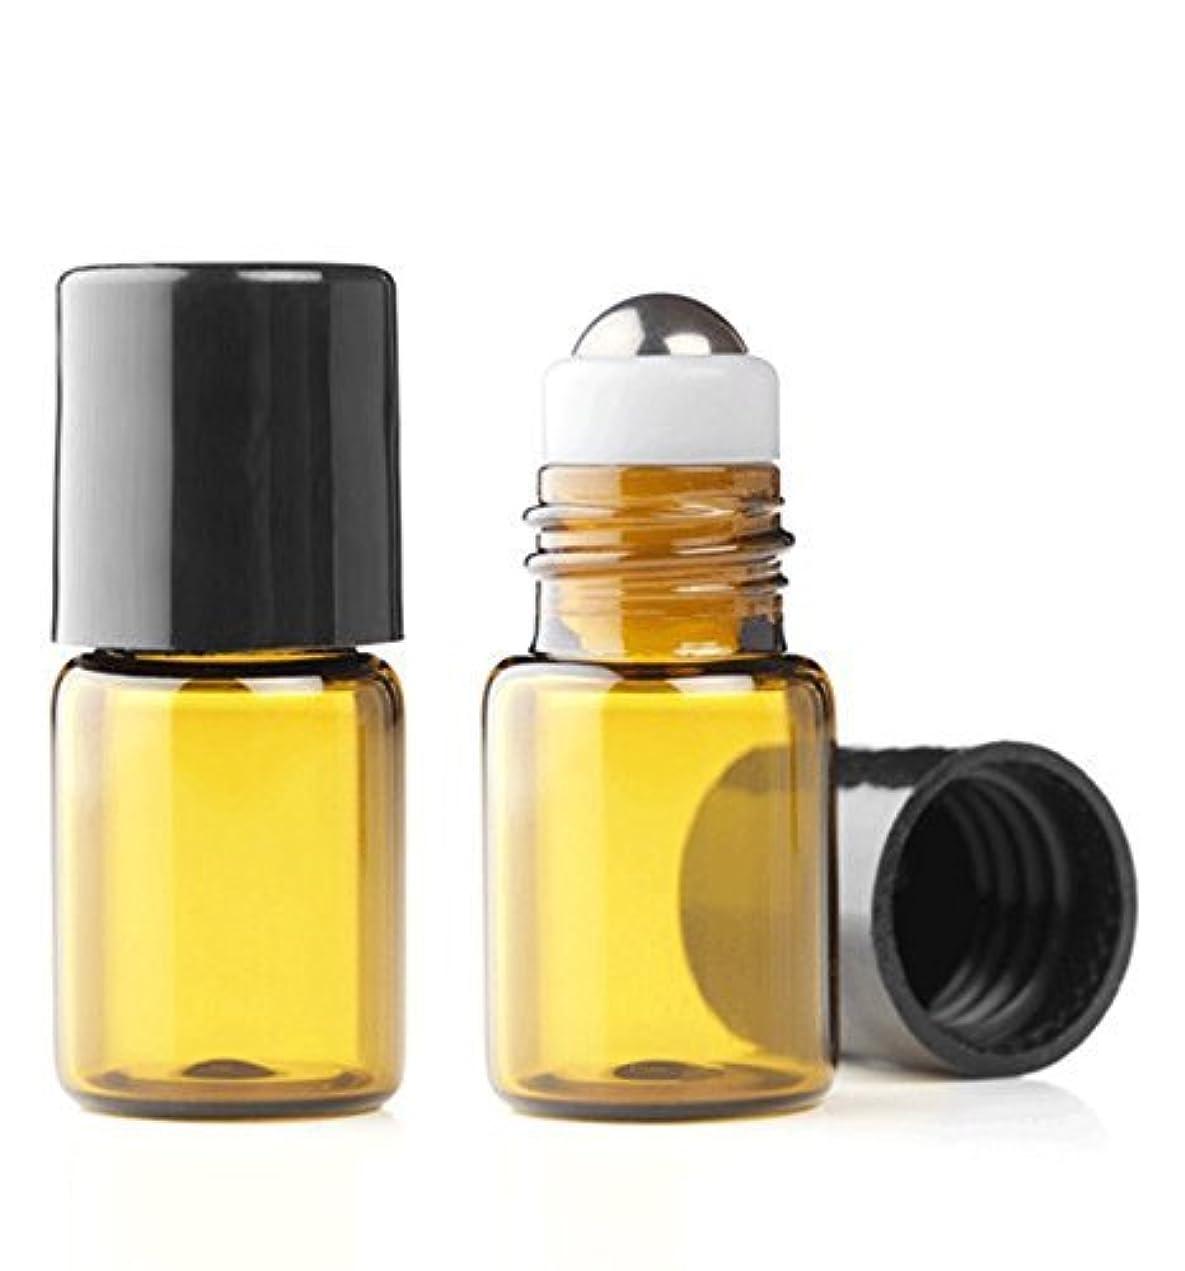 栄養浴室航空便Grand Parfums Empty 2ml Amber Glass Micro Mini Rollon Dram Glass Bottles with Metal Roller Balls - Refillable Aromatherapy Essential Oil Roll On - Bulk - 1/2 Dram Pack of 6 - [並行輸入品]